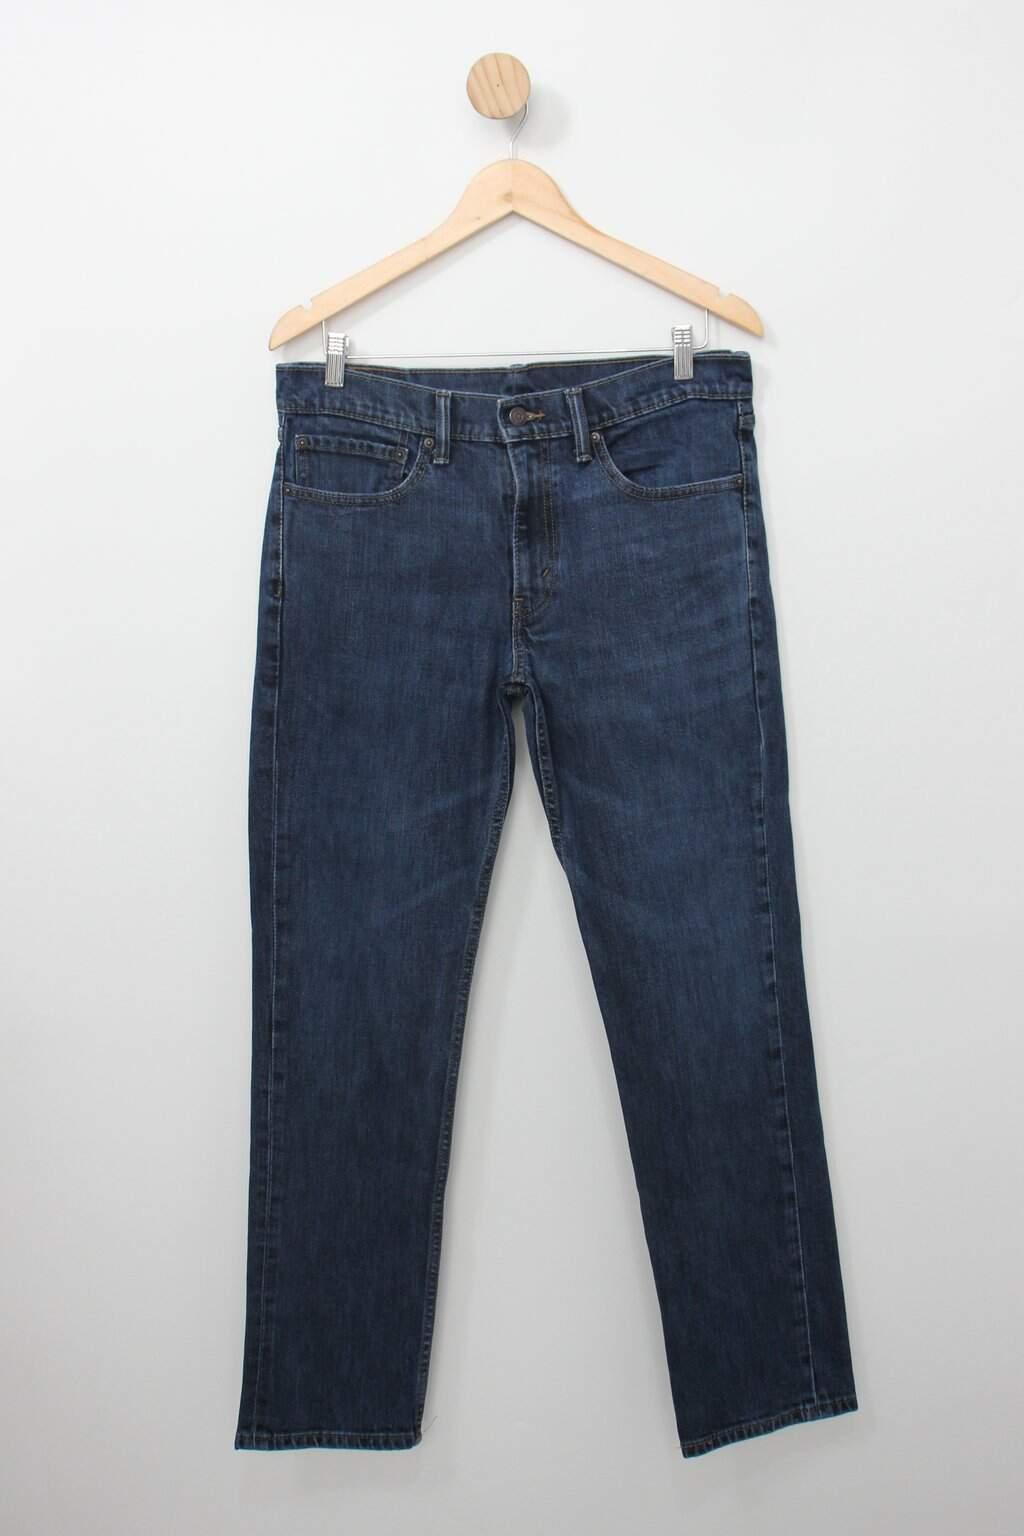 Calça Jeans Levi&squo;s Masculina Azul